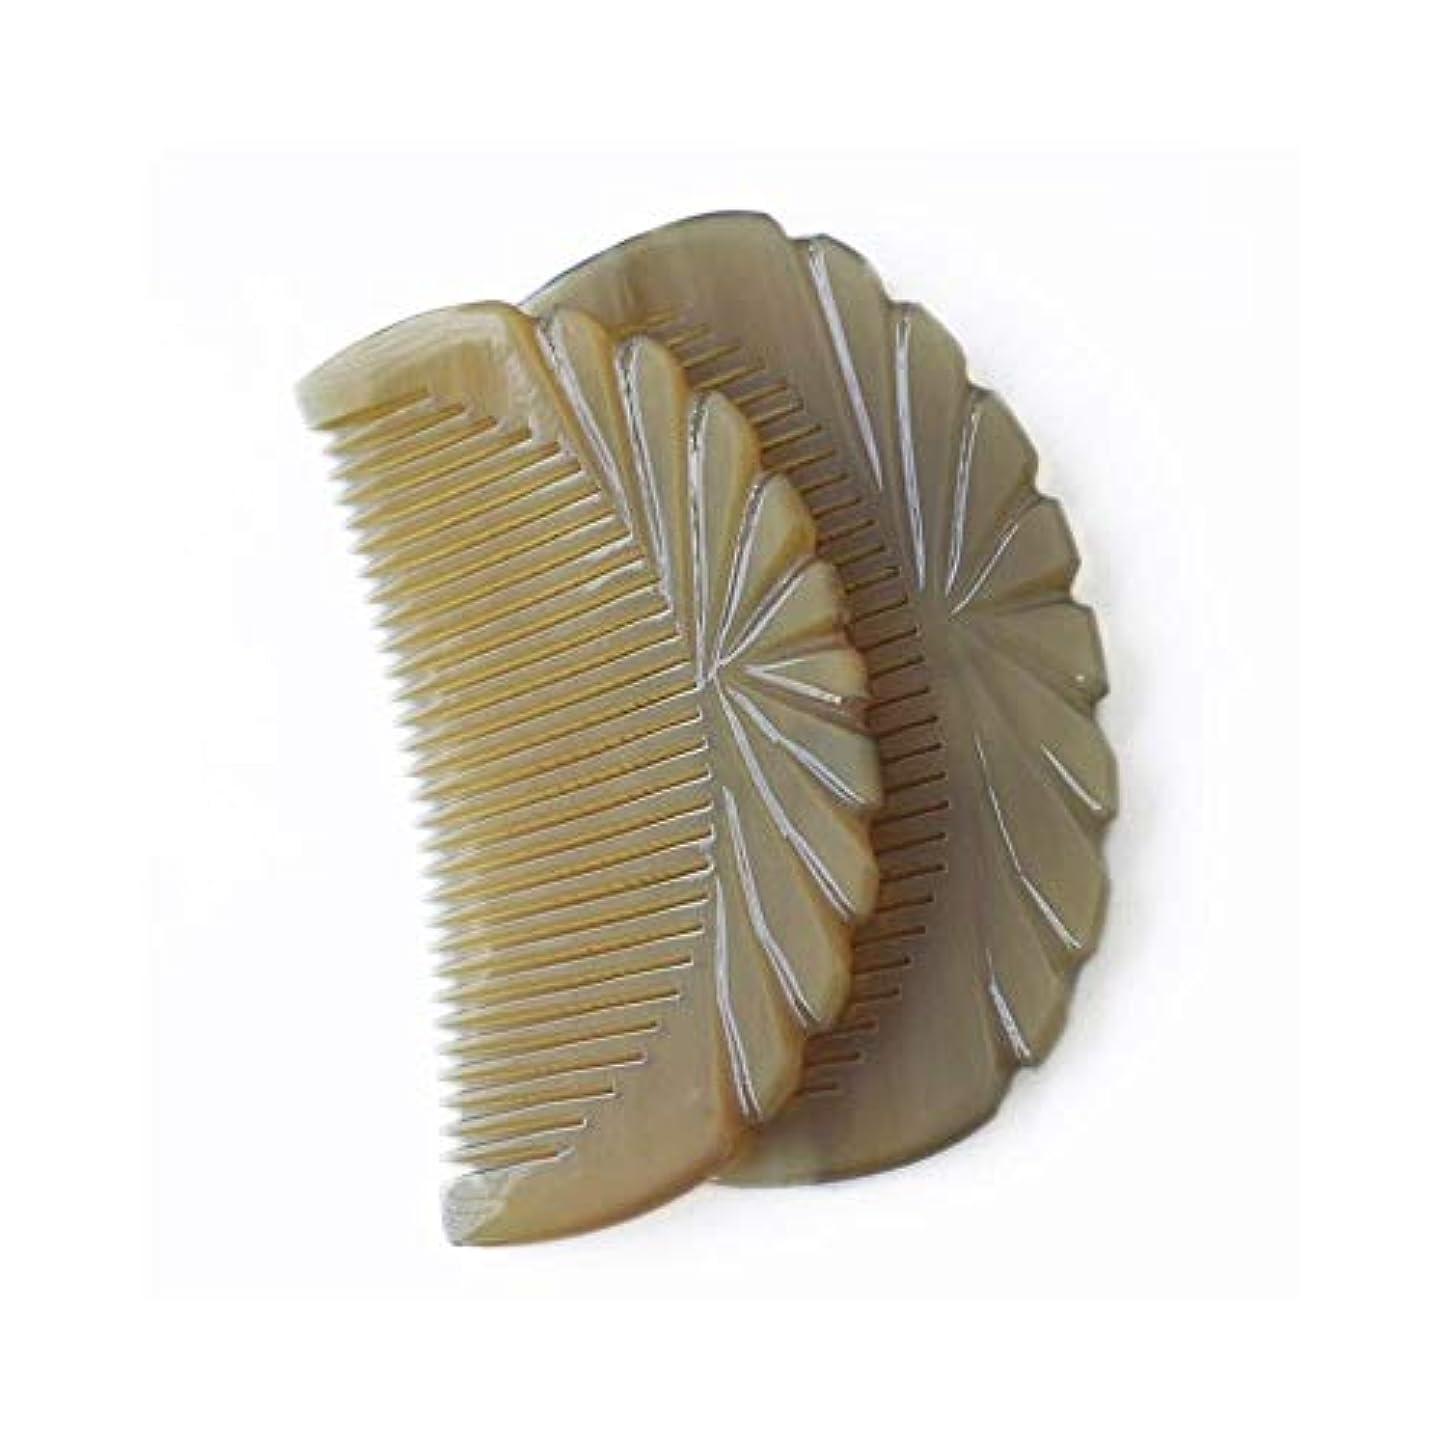 絡み合い花瓶精査Fashian天然木製くし髪 - もつれ解除とスタイリングウェットまたはドライカーリー、太い、波状、またはストレートヘアナチュラルアンチスタティックウッド ヘアケア